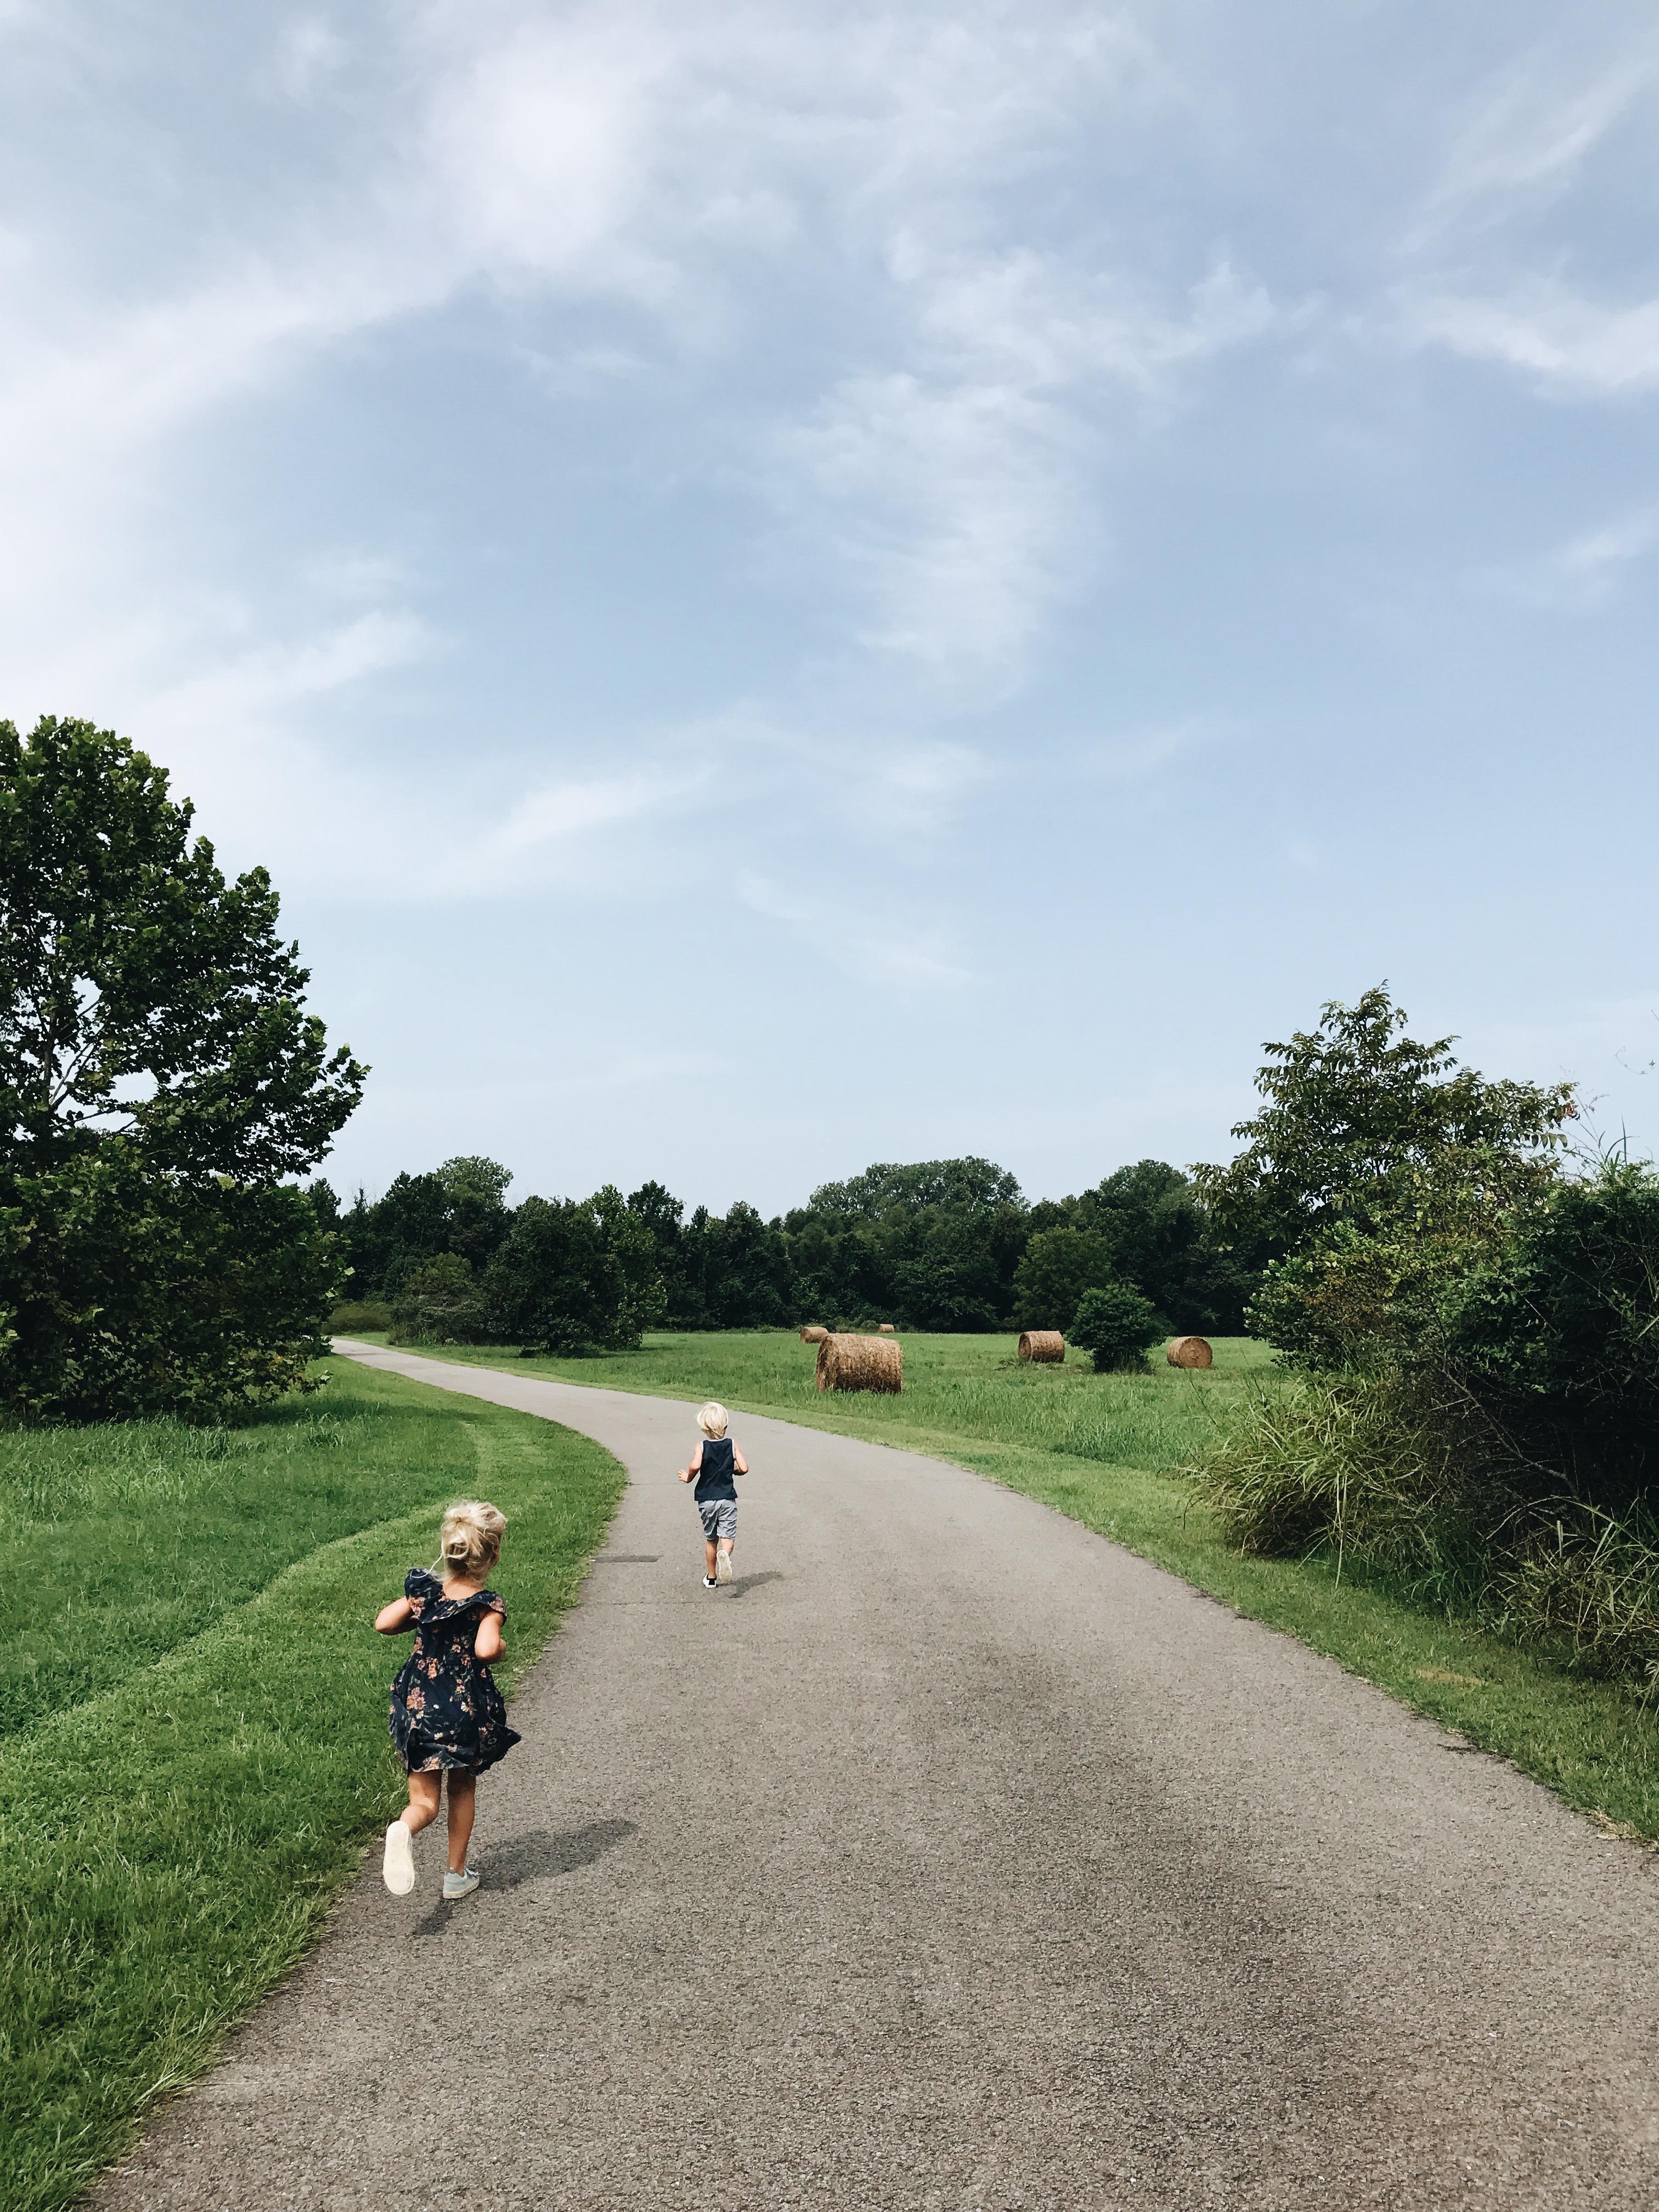 gremlins in a park